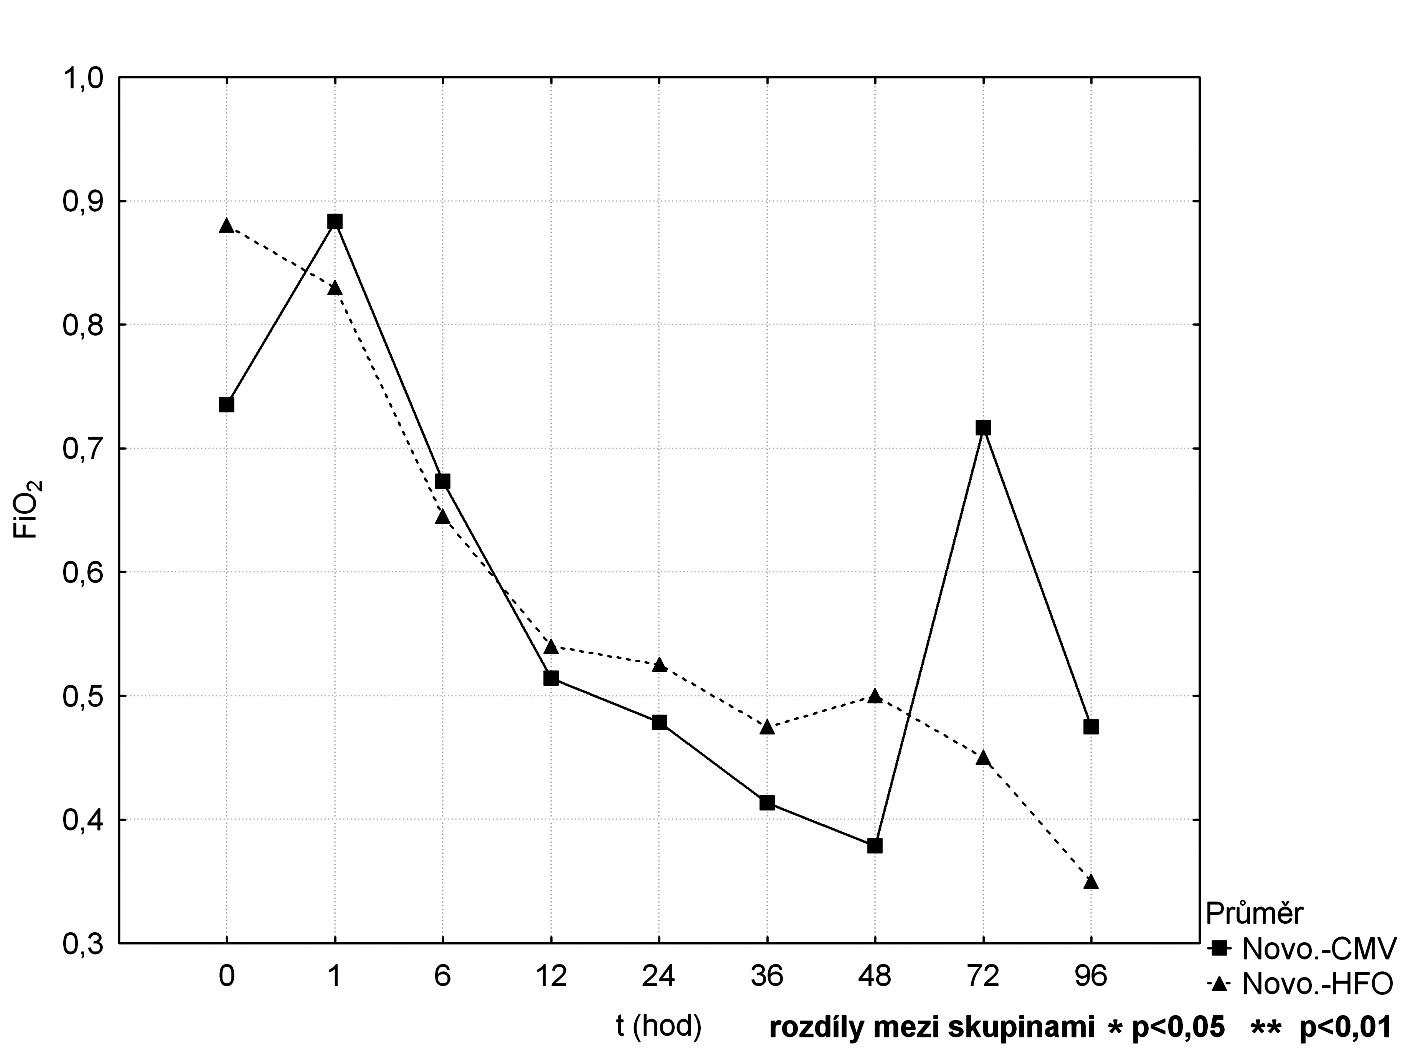 Srovnání průběhu FiO<sub>2</sub> mezi CMV a HFOV